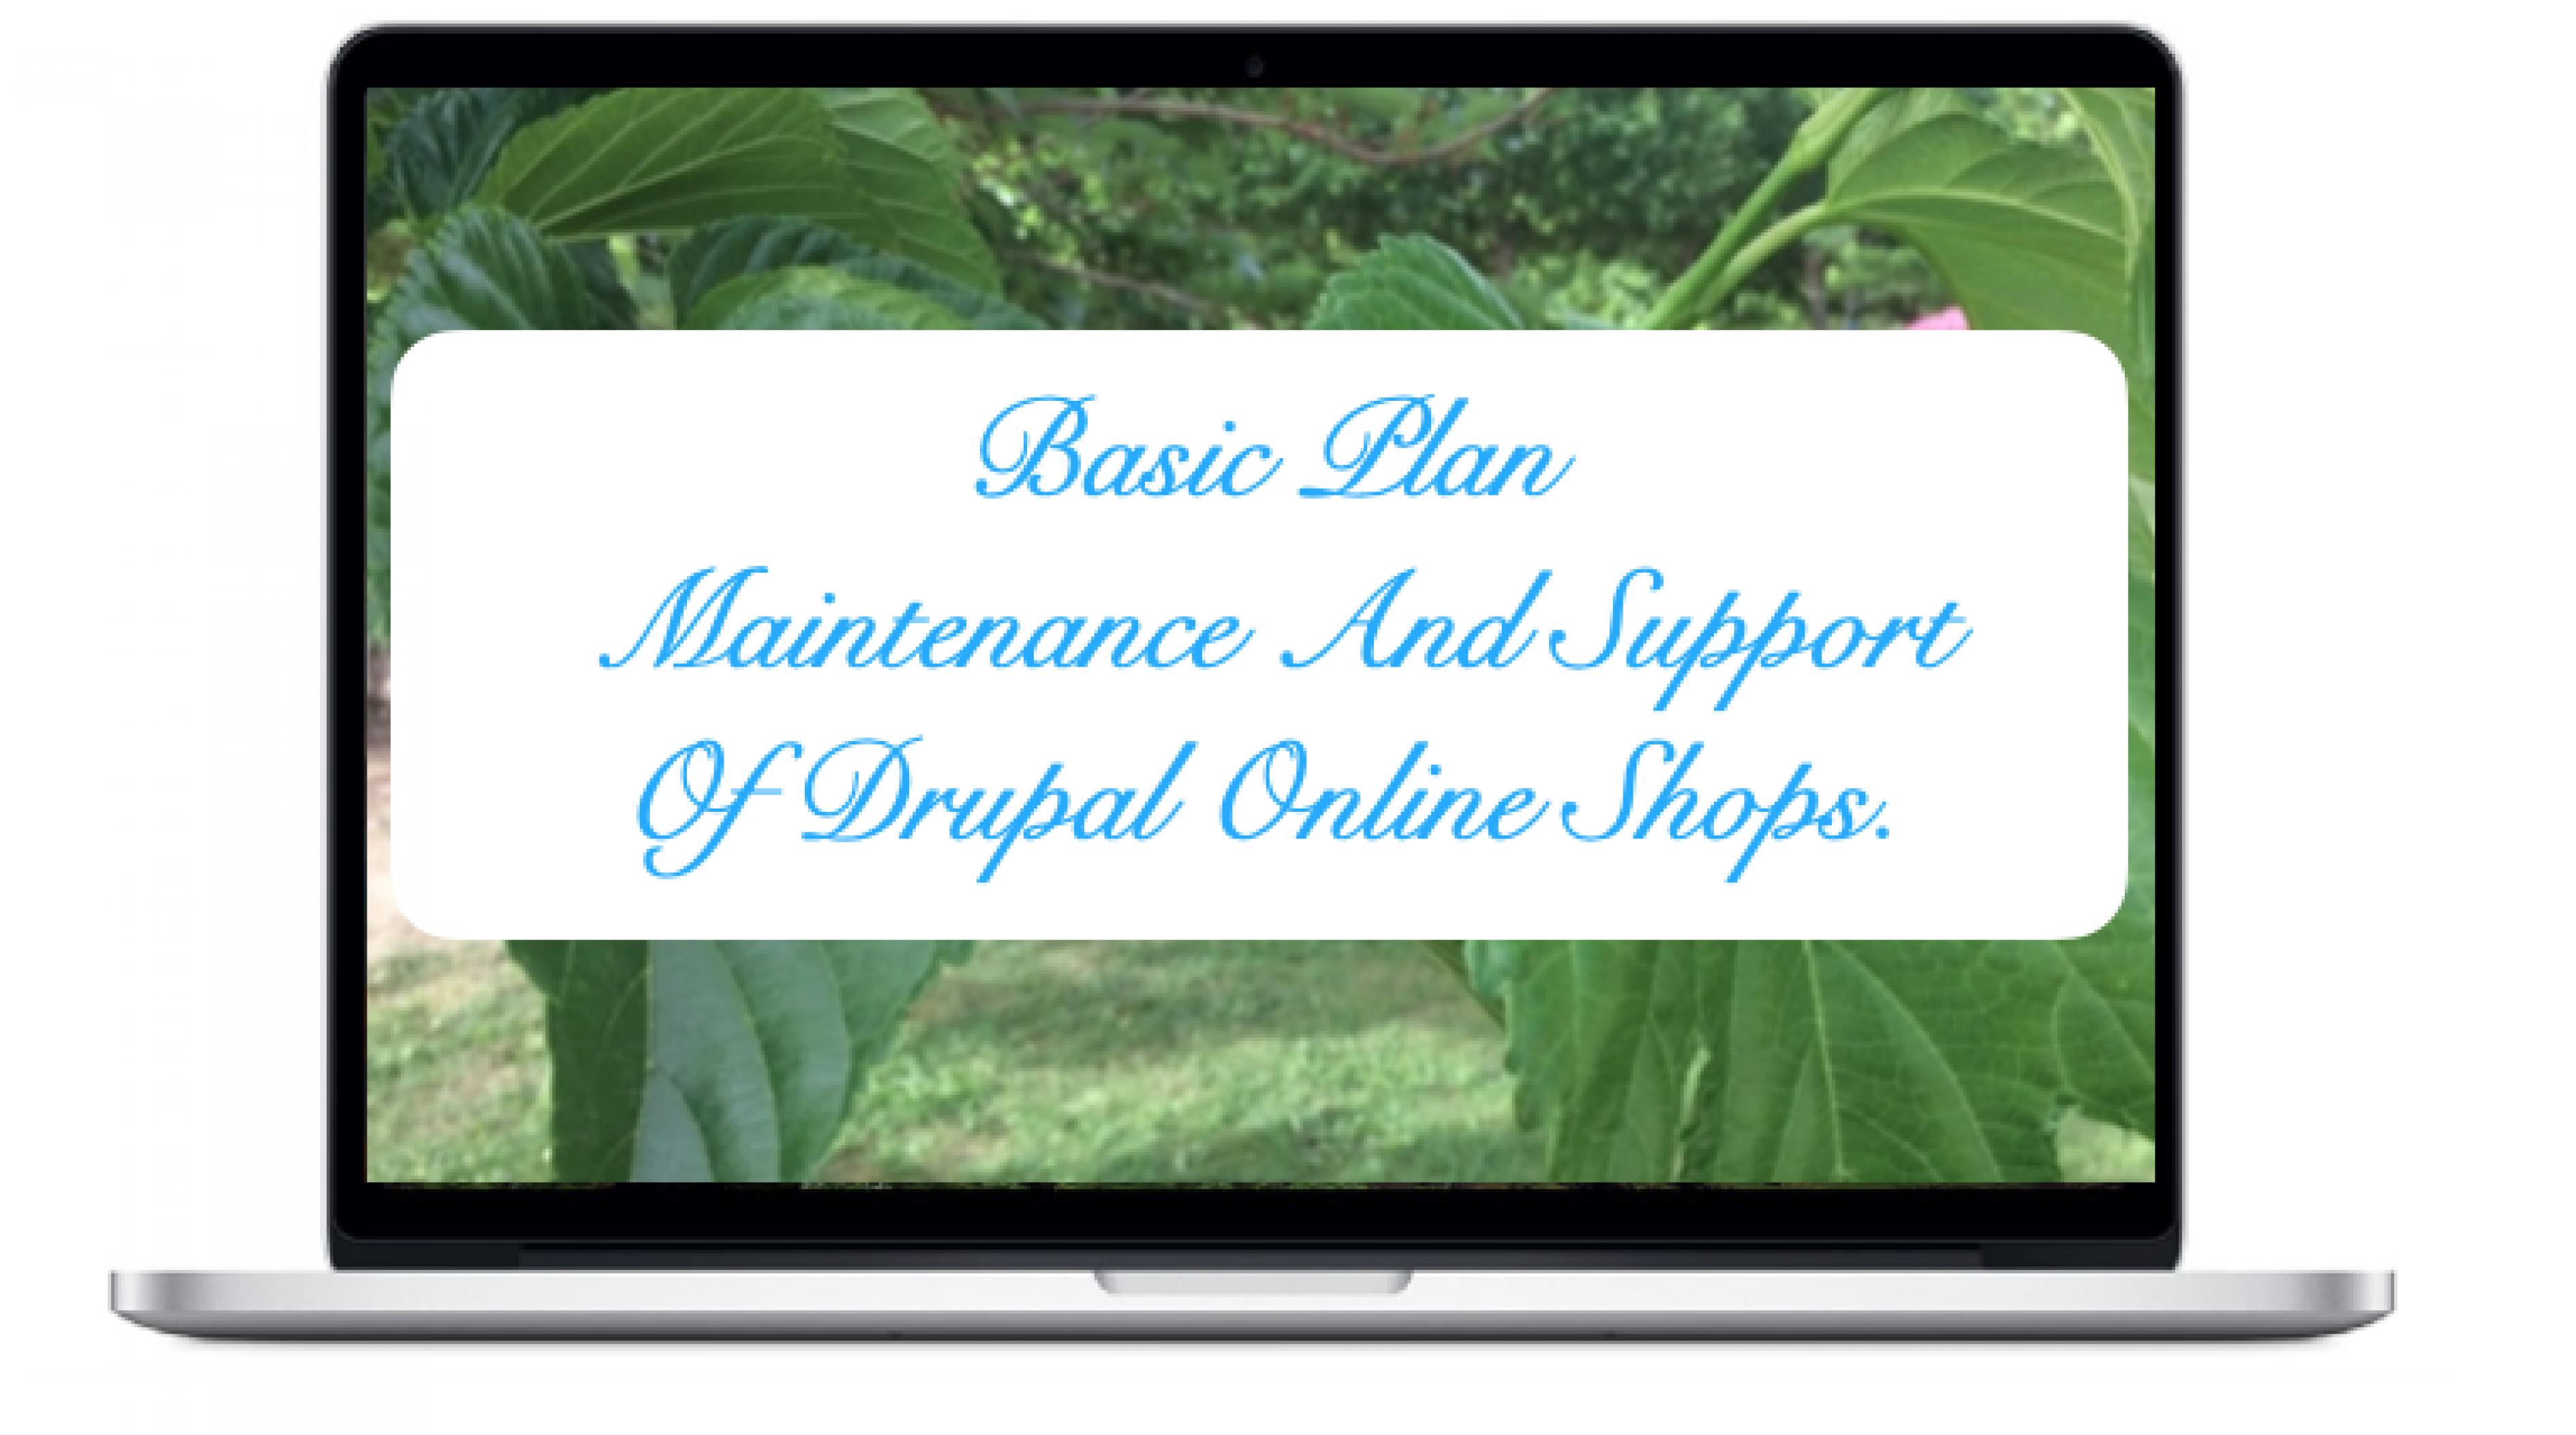 basic-maintenance-and-support-drupal-online-shops_11